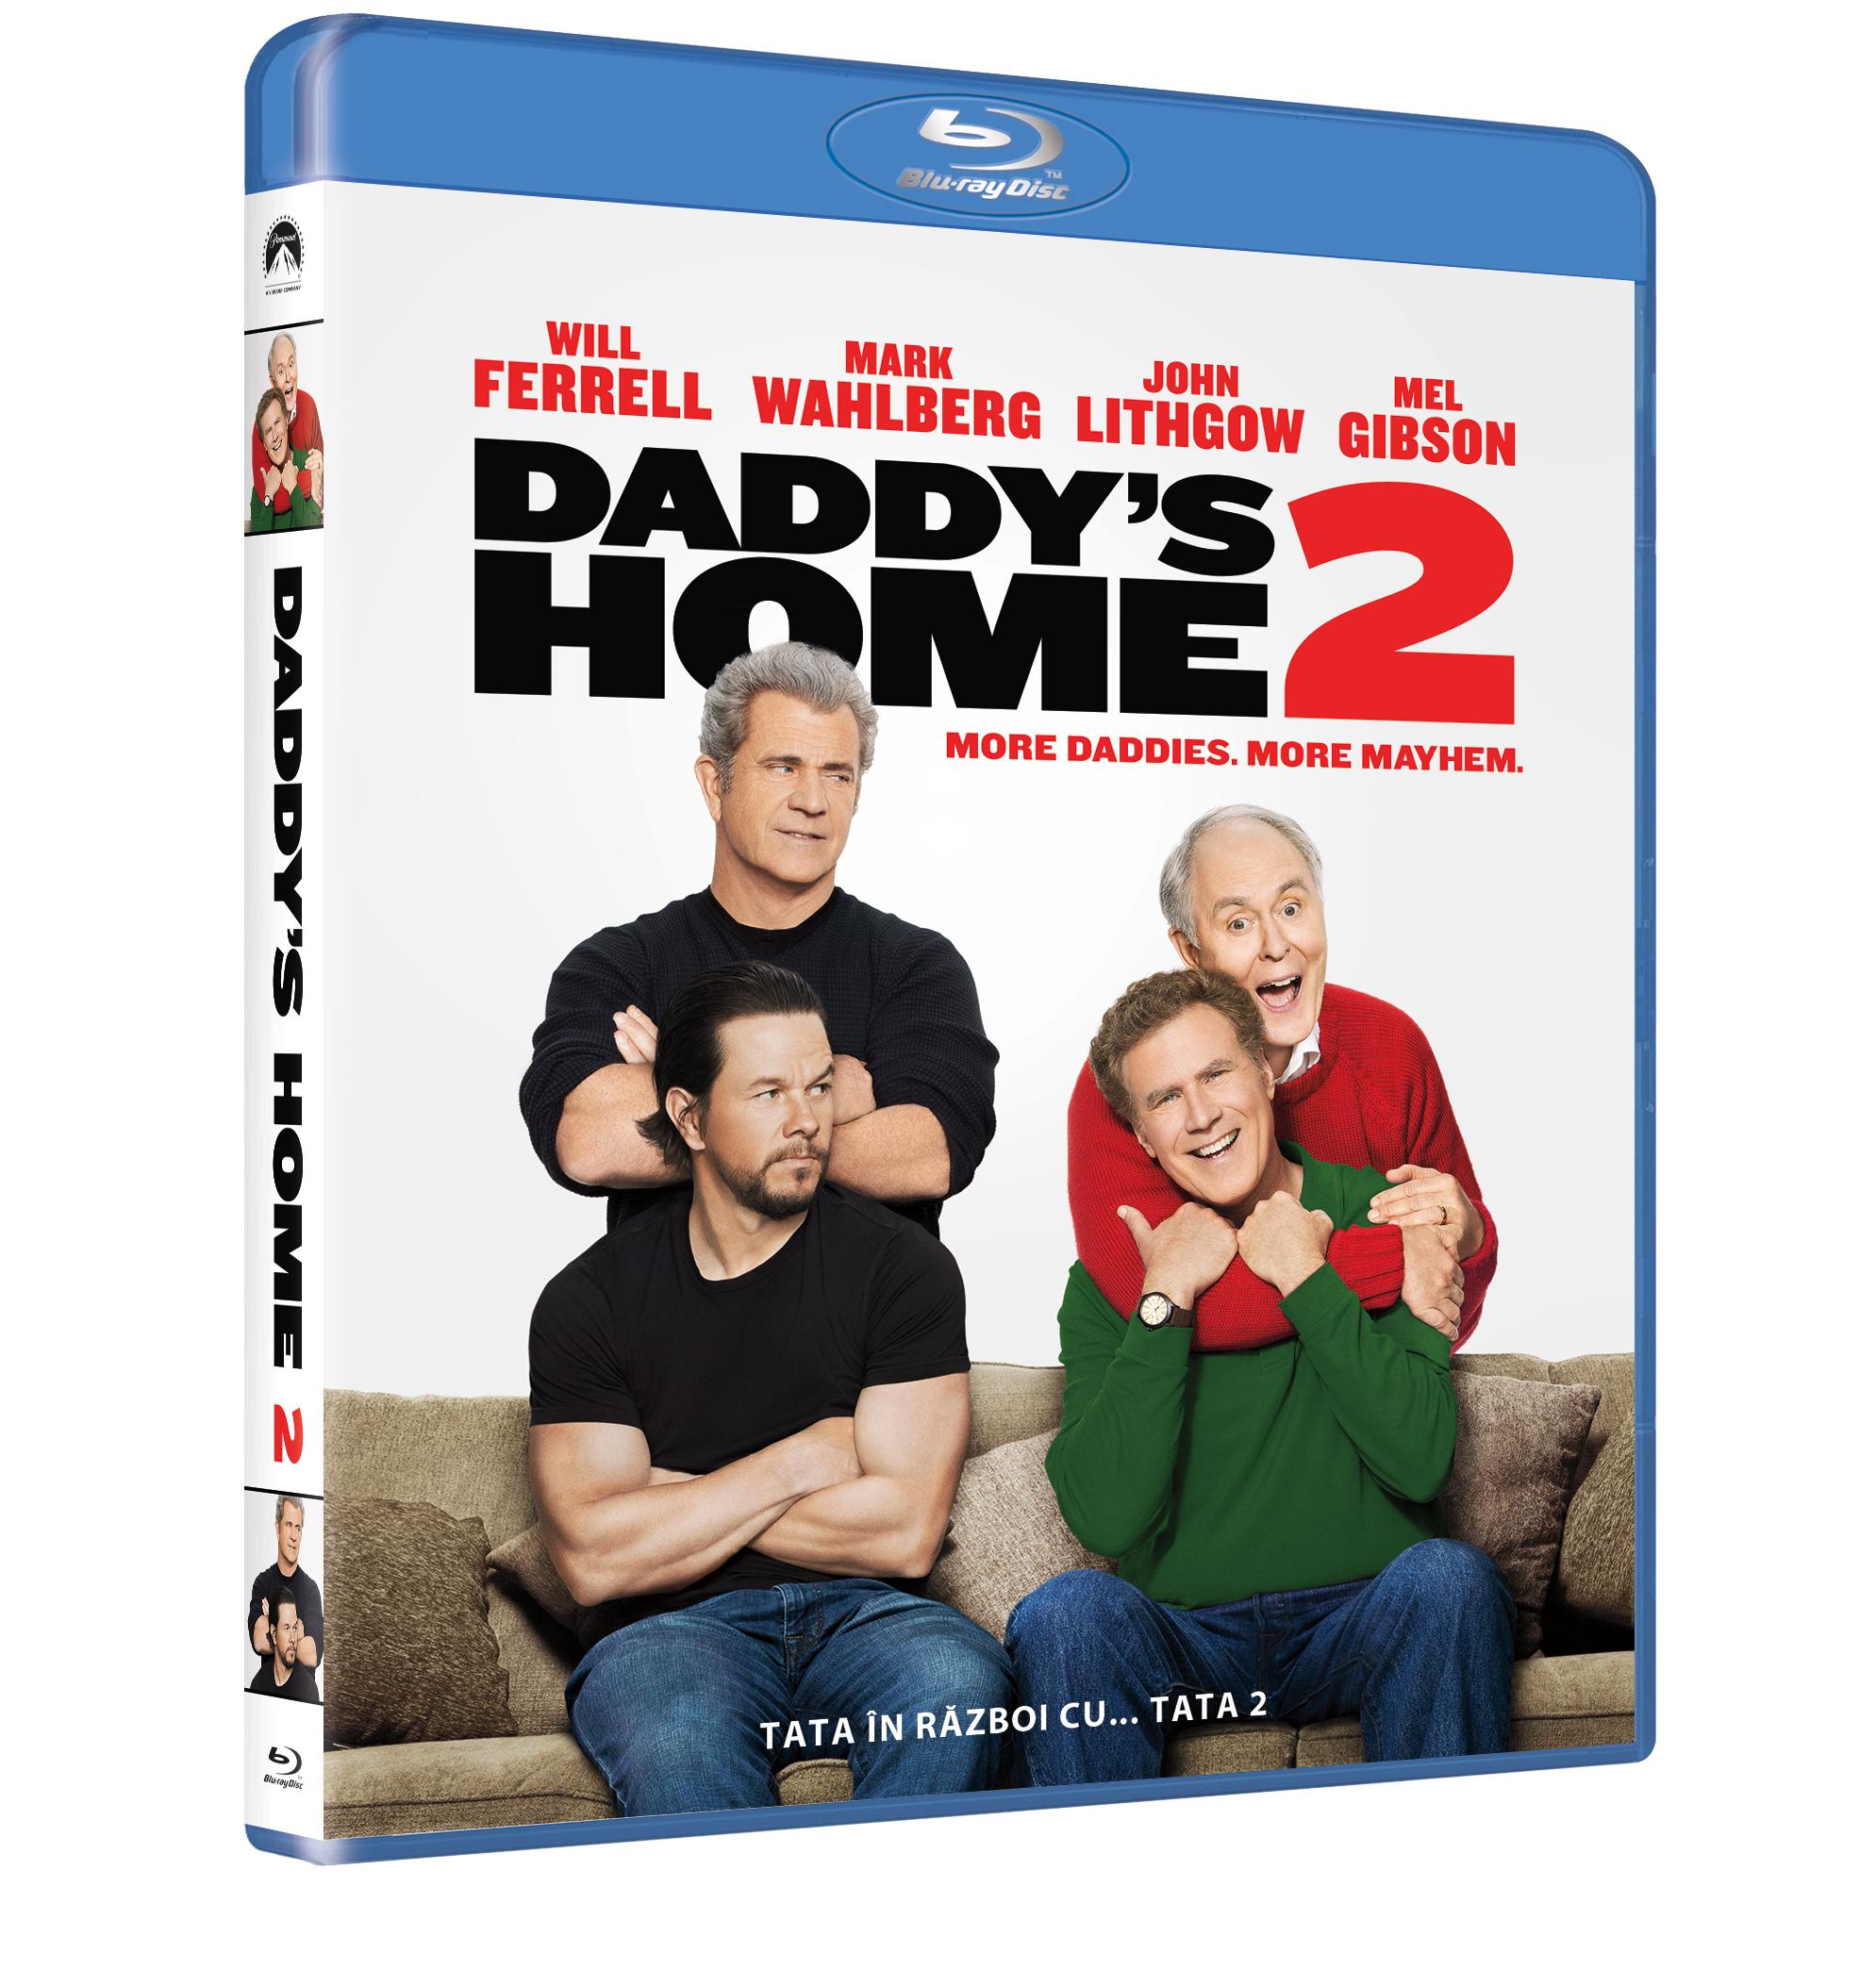 Tata in razboi cu... tata 2 (Blu Ray Disc) / Daddy's Home 2